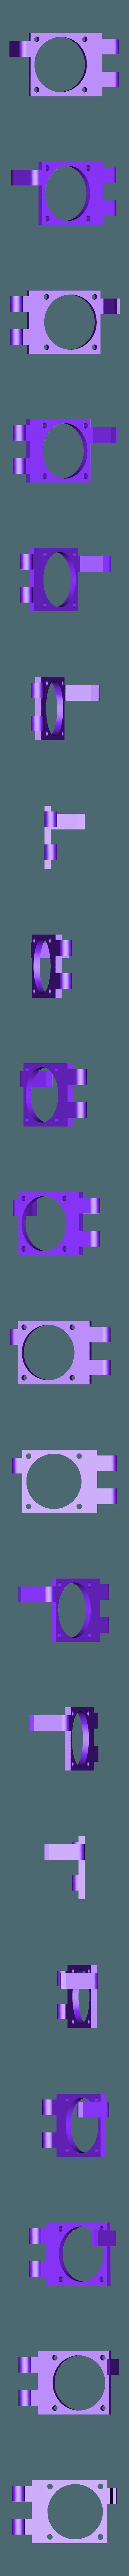 Parte_B.stl Télécharger fichier STL gratuit Modification du ventilateur de l'extrudeuse Anet A8 (porte) • Plan pour impression 3D, LozuryTech